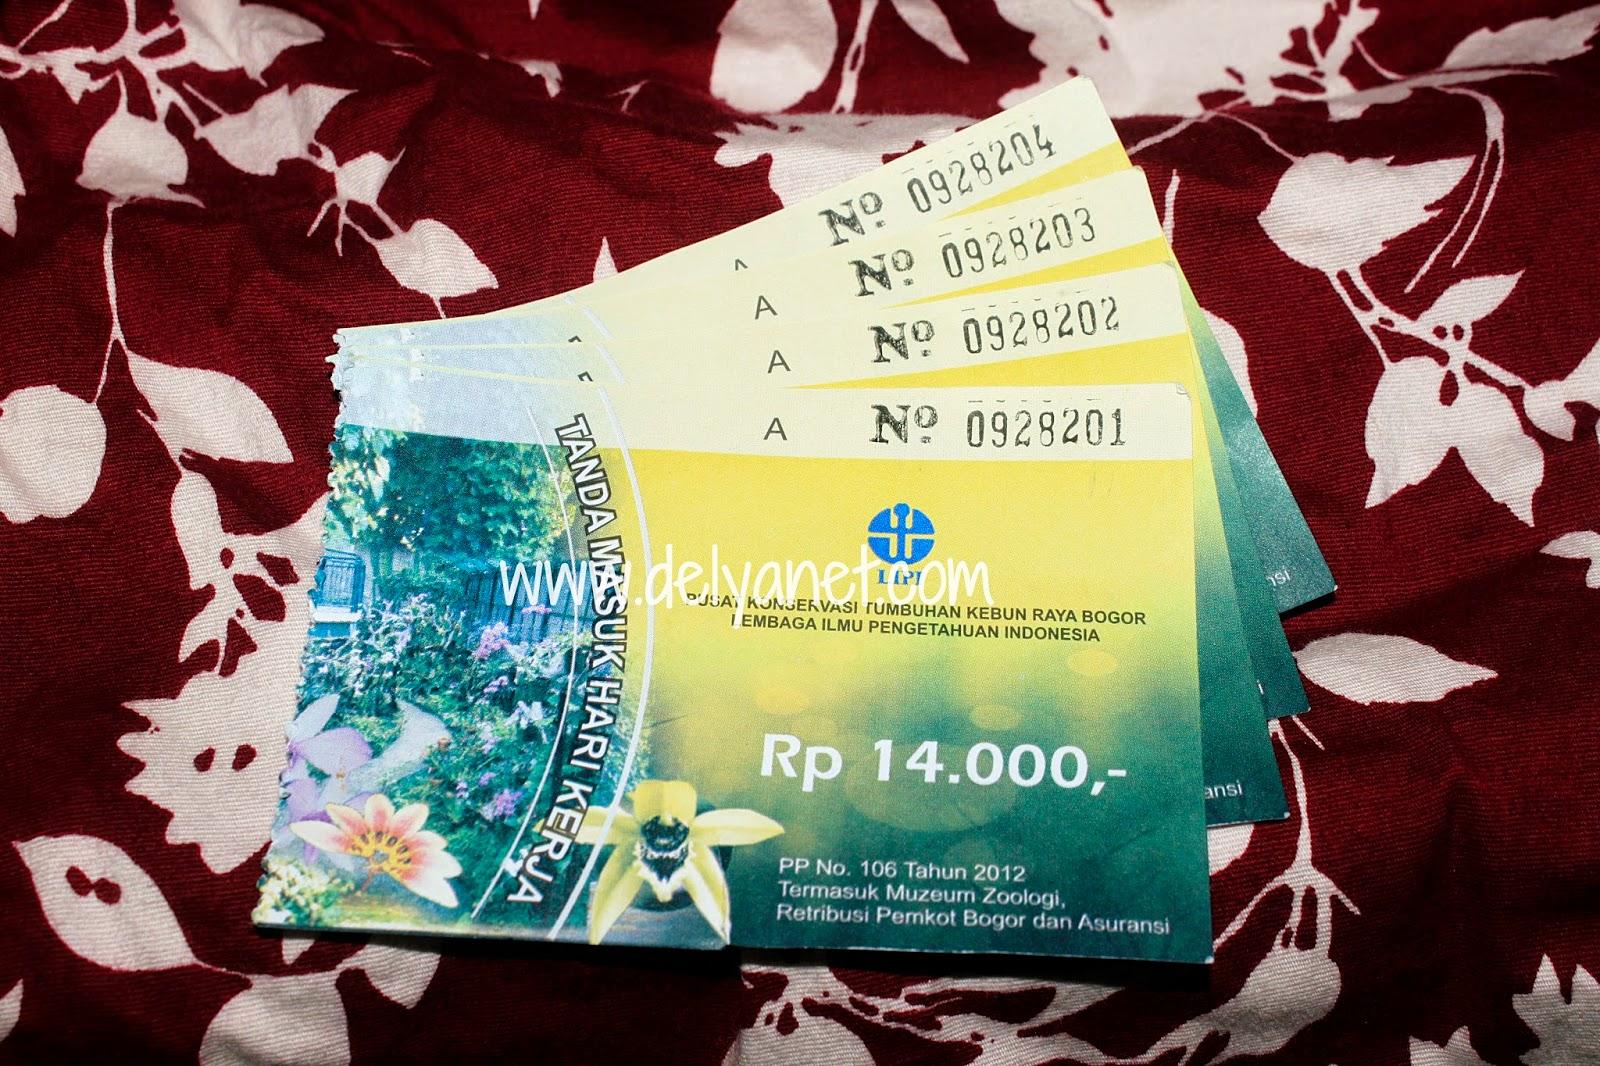 Tiket masuk KRB